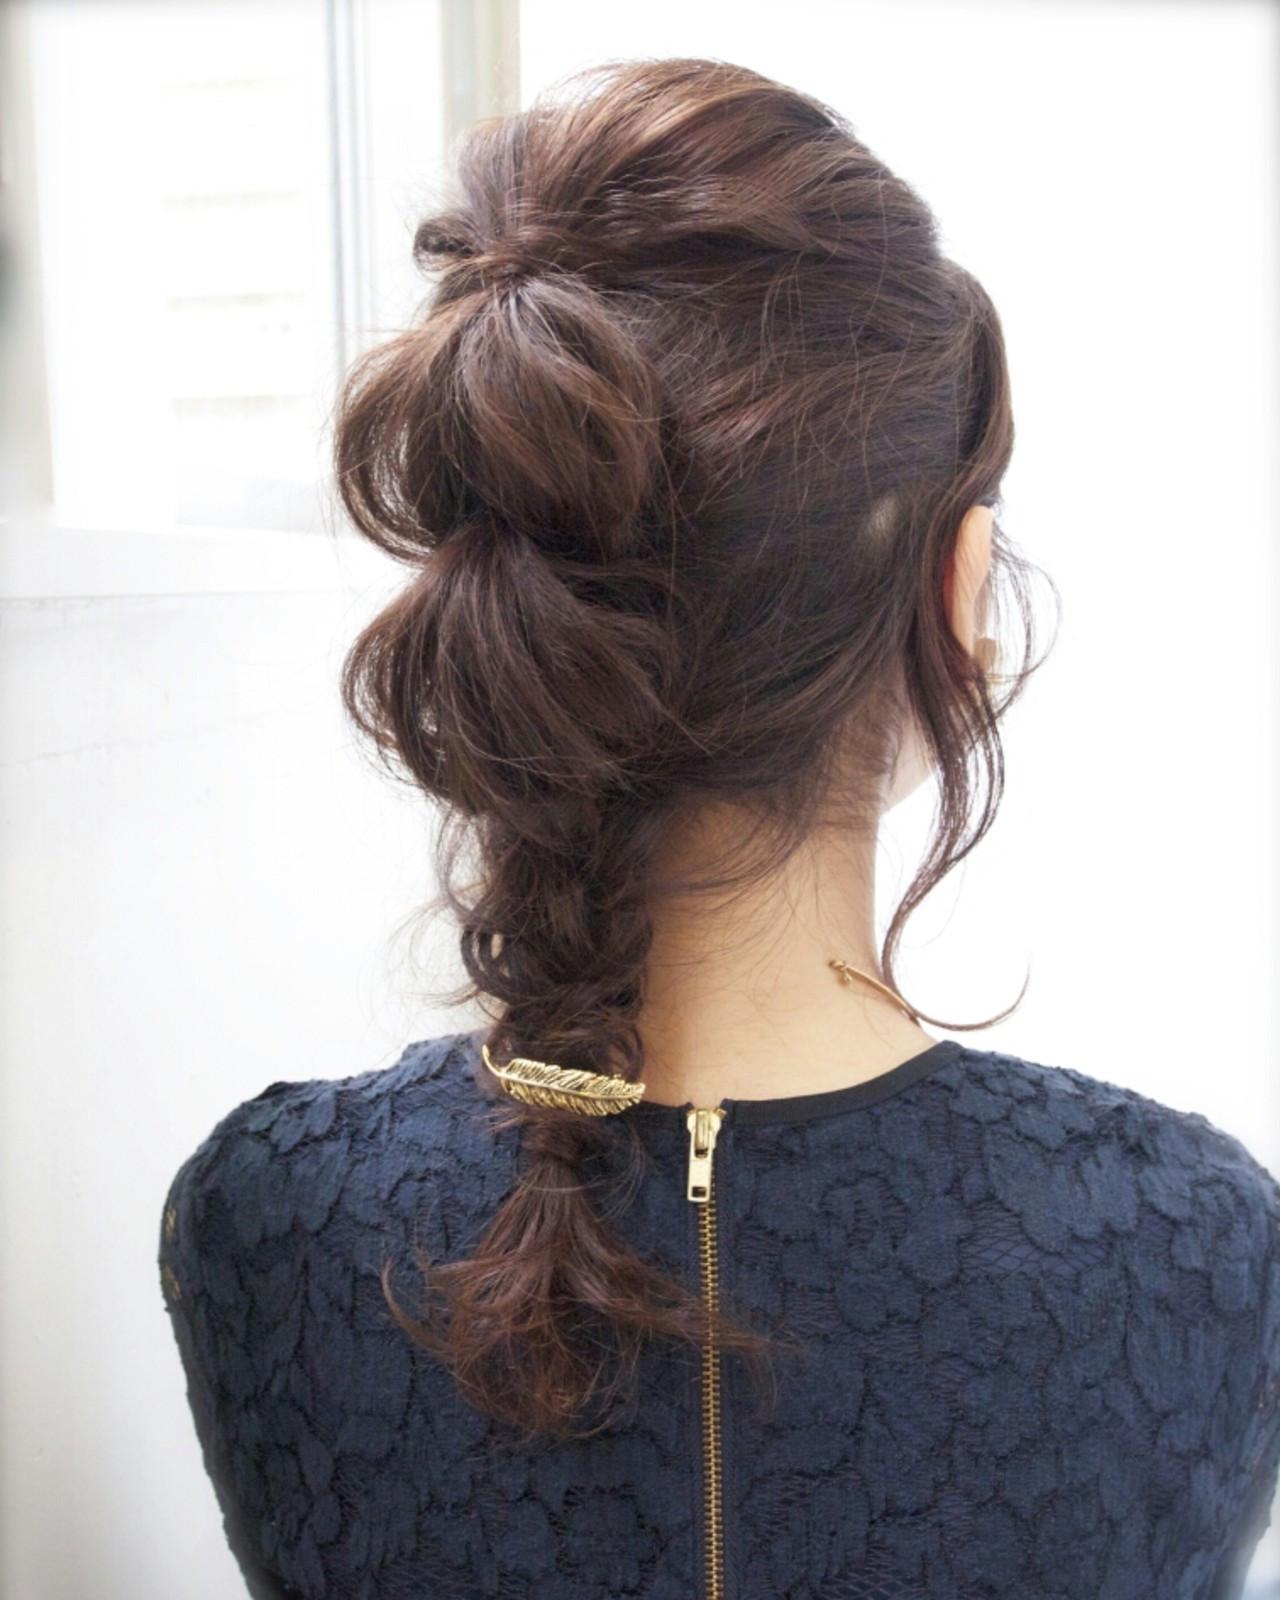 フィッシュボーン 簡単ヘアアレンジ ショート ミディアム ヘアスタイルや髪型の写真・画像